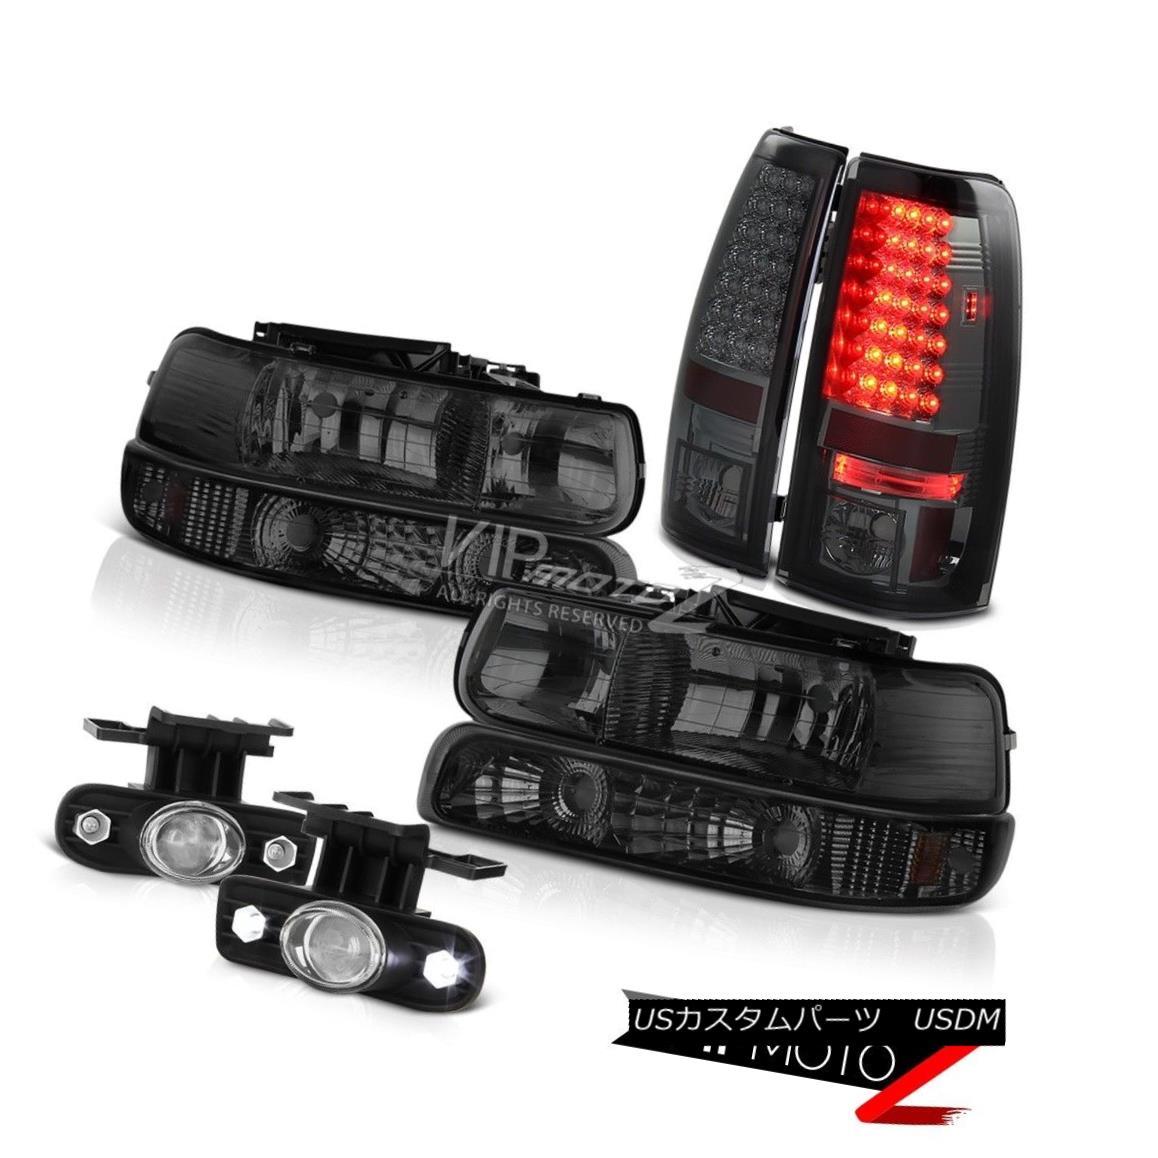 ヘッドライト 1999 2000 2001 2002 Chevy Silverado 2500HD Head Lamps Tail Light LED Foglamp 1999 2000 2001 2002 Chevy Silverado 2500HDヘッドランプテールライトLED Foglamp